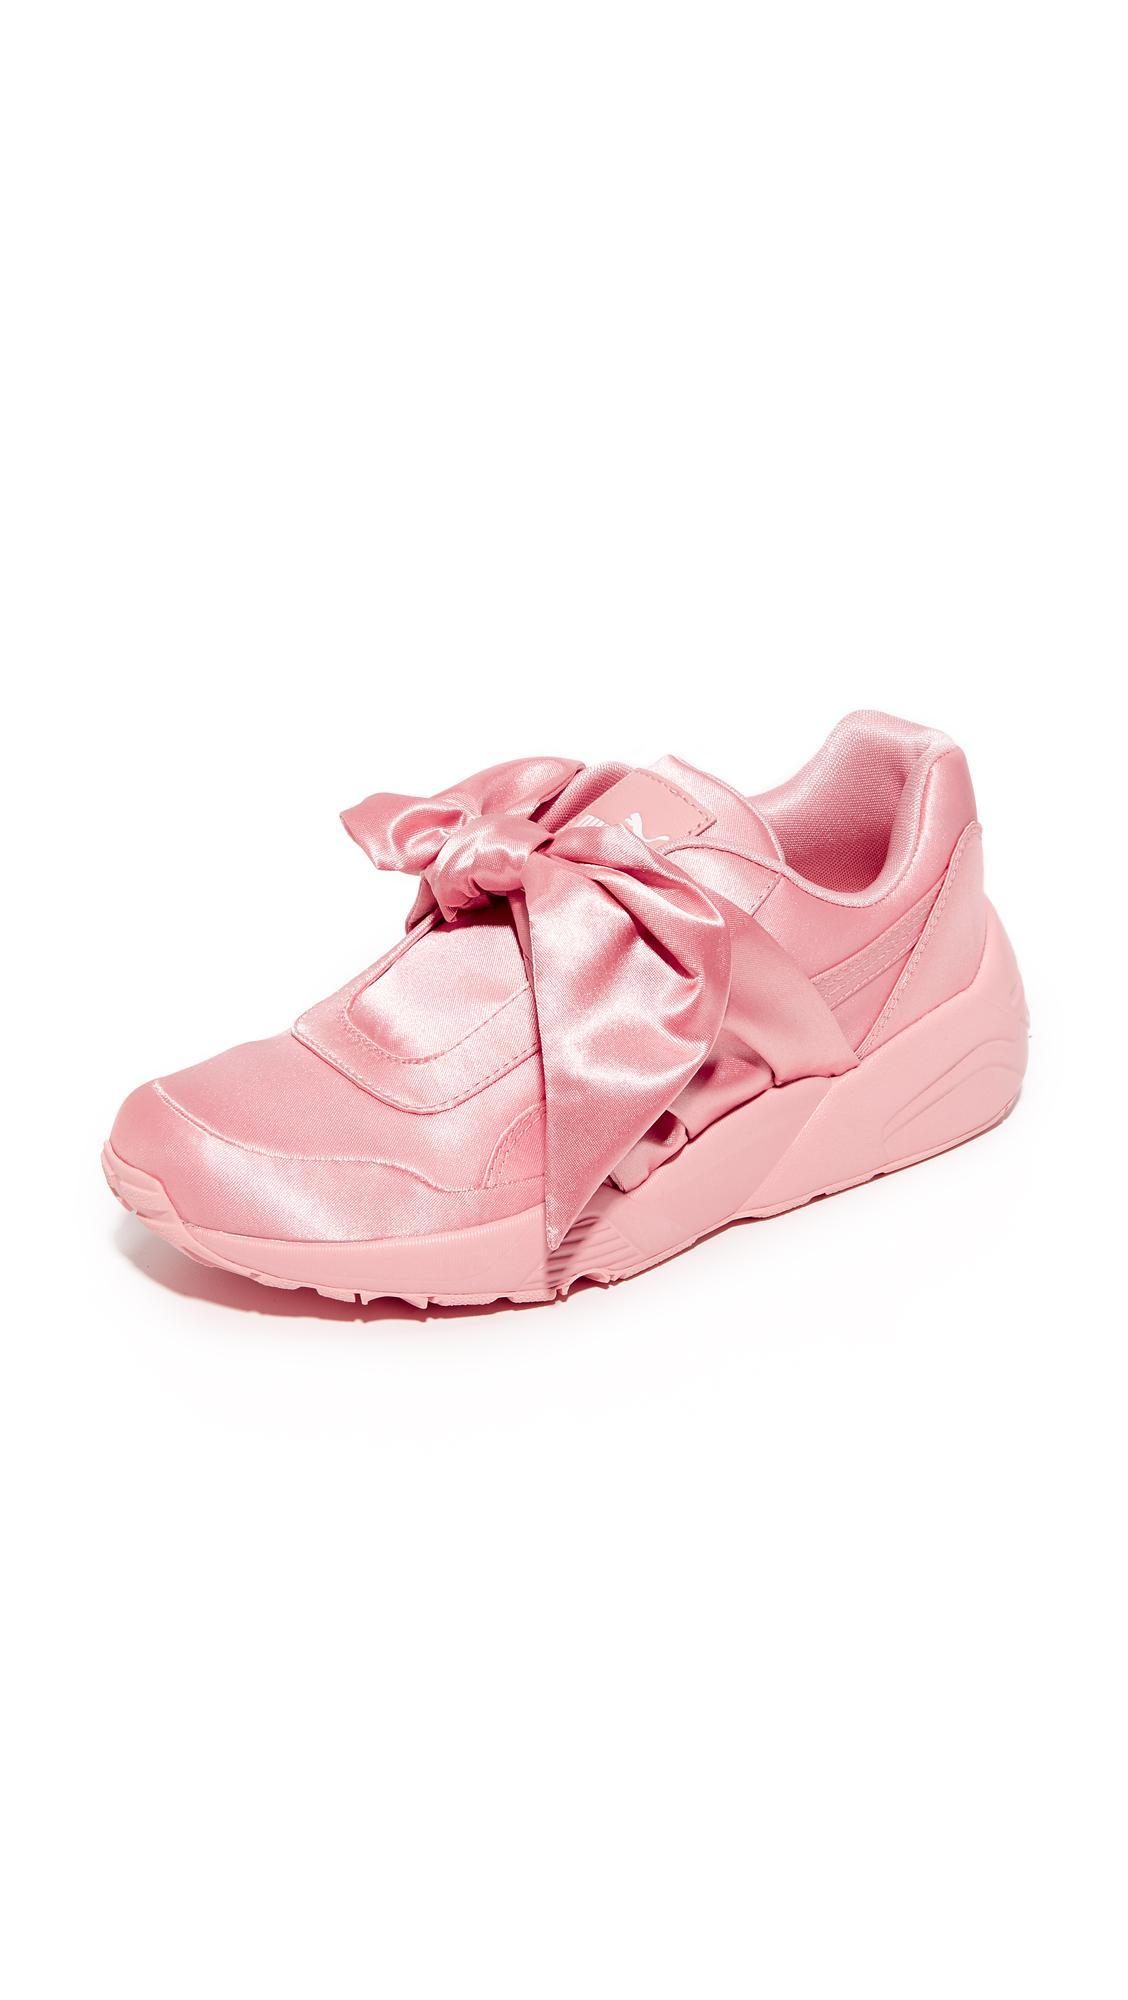 83bed24de47476 Lyst - PUMA Fenty X Bow Trinomic Sneakers in Pink